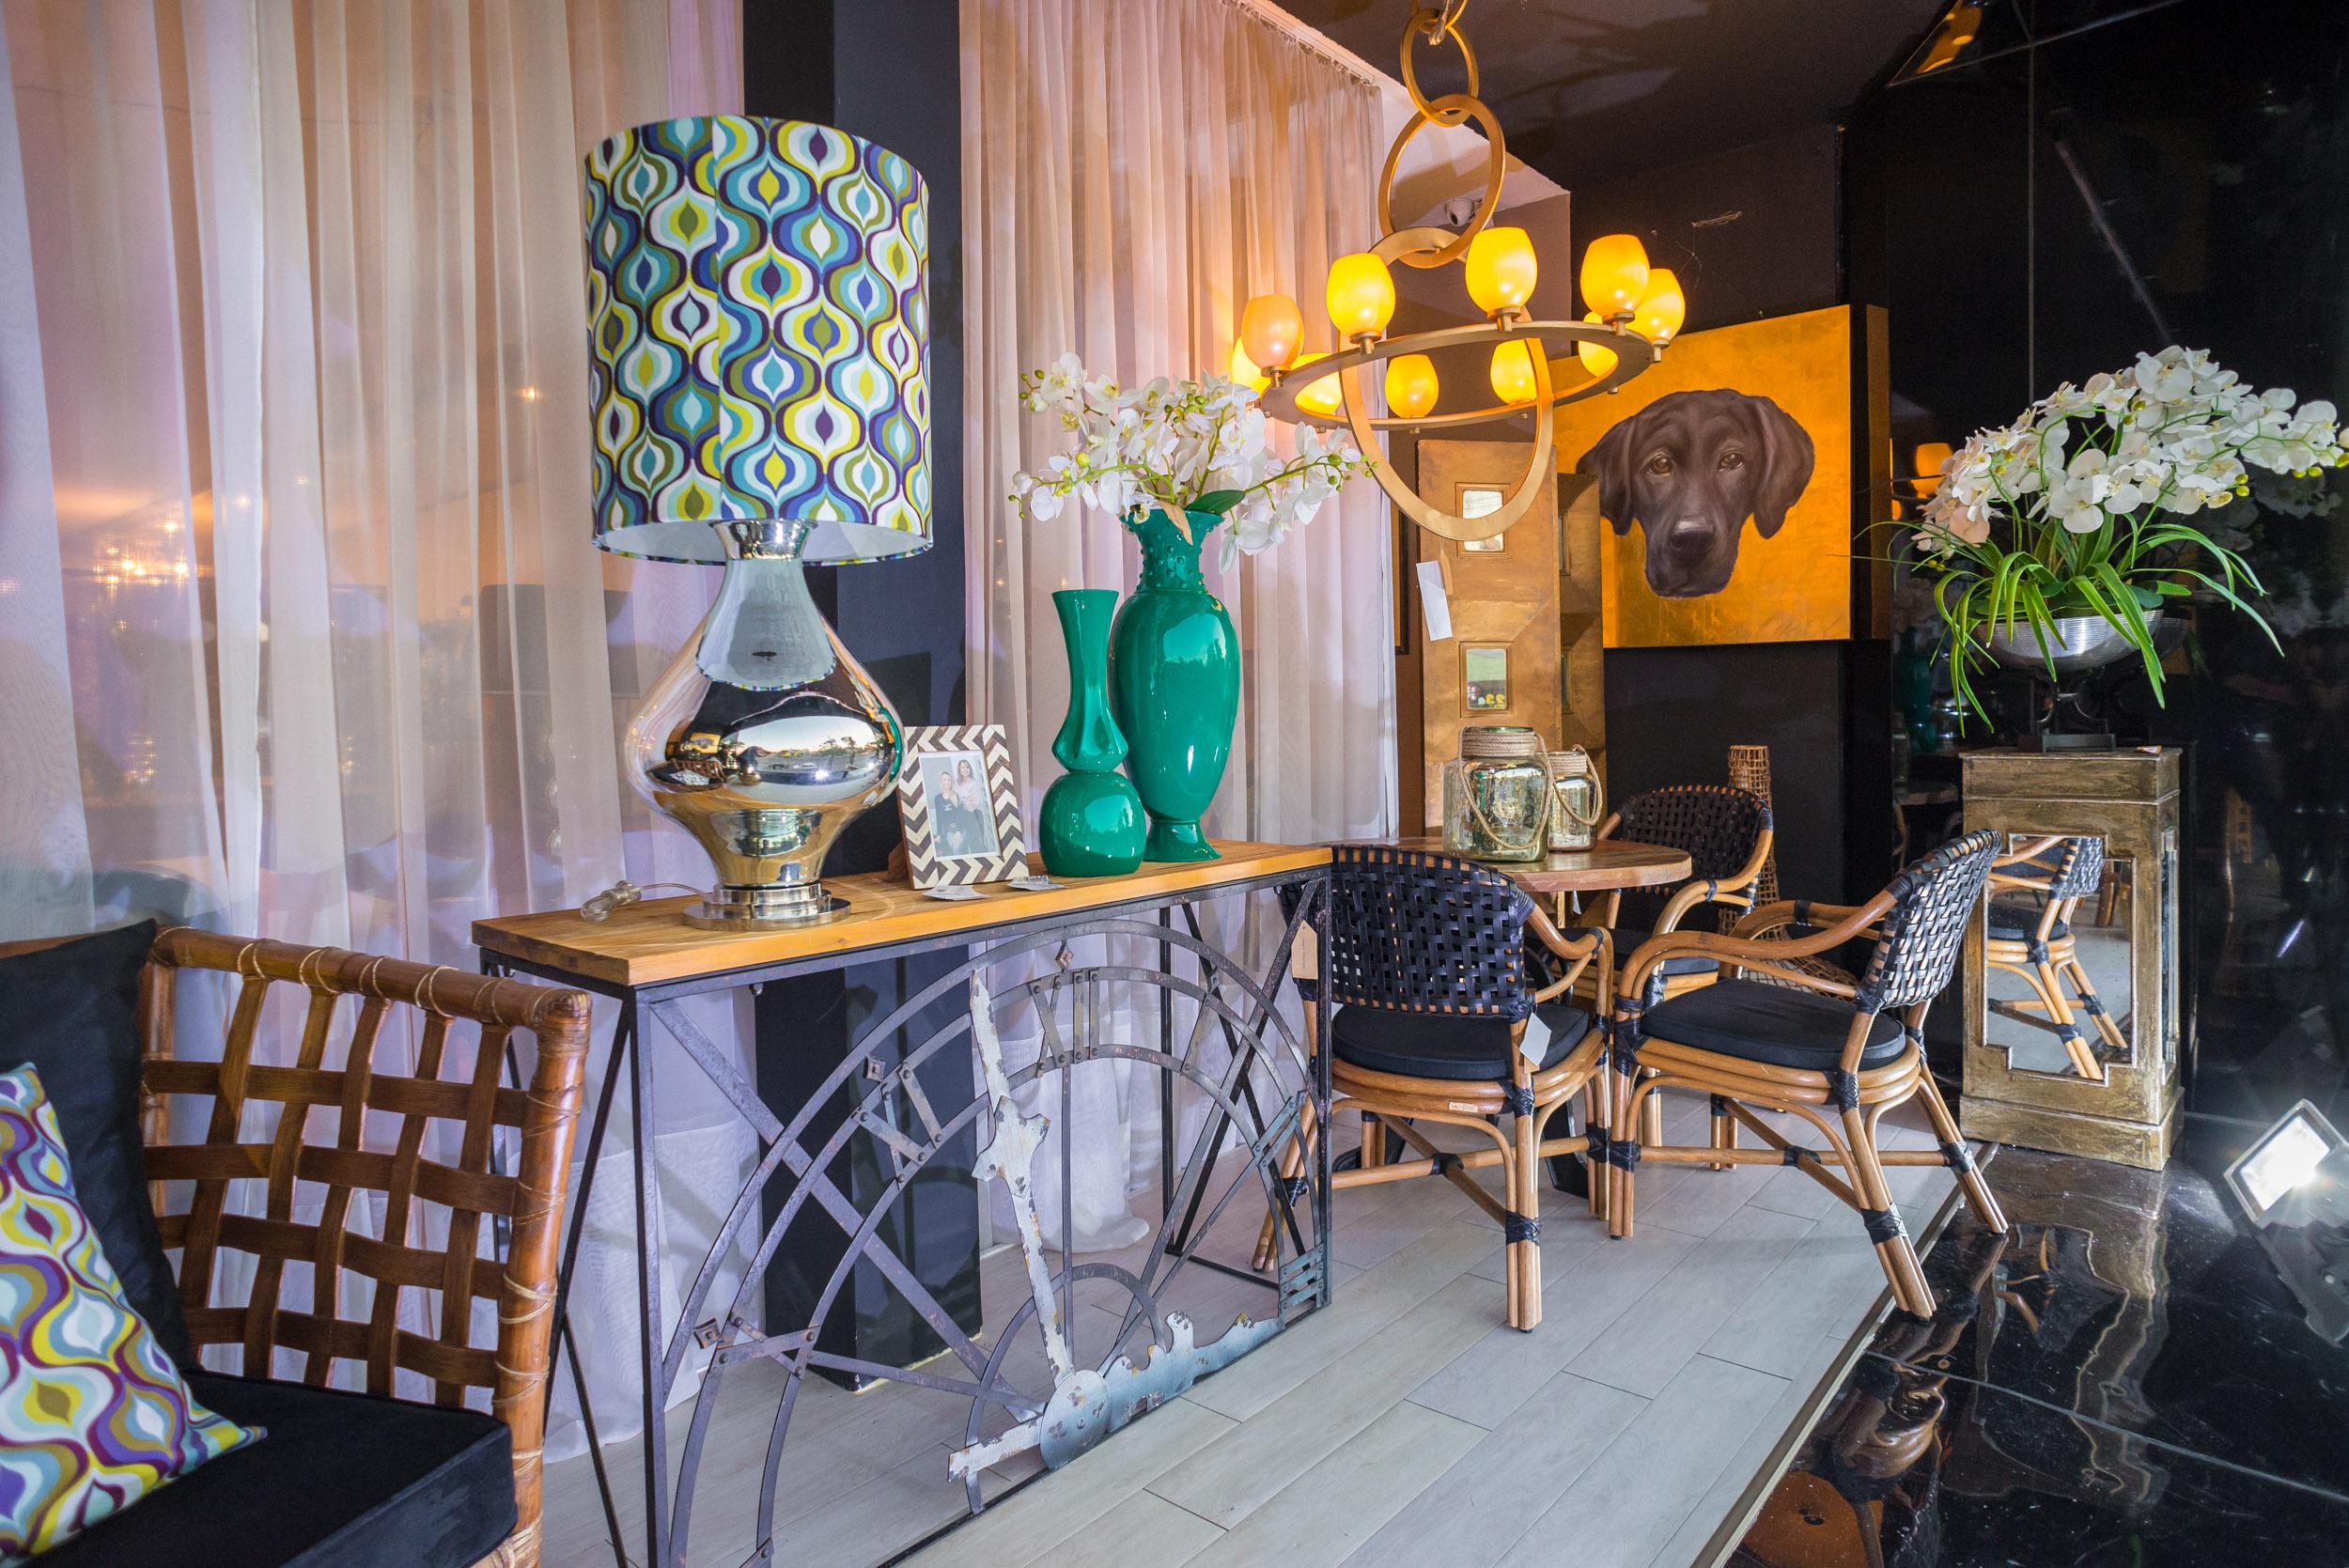 Varanda decorada pelas designers de interiores Renata Fraidg Chiumento e Nadya Regina Badotti integra a primeira Mostra Empório Studio Casa.  Fotos: Lucas Ferreira / Divulgação.